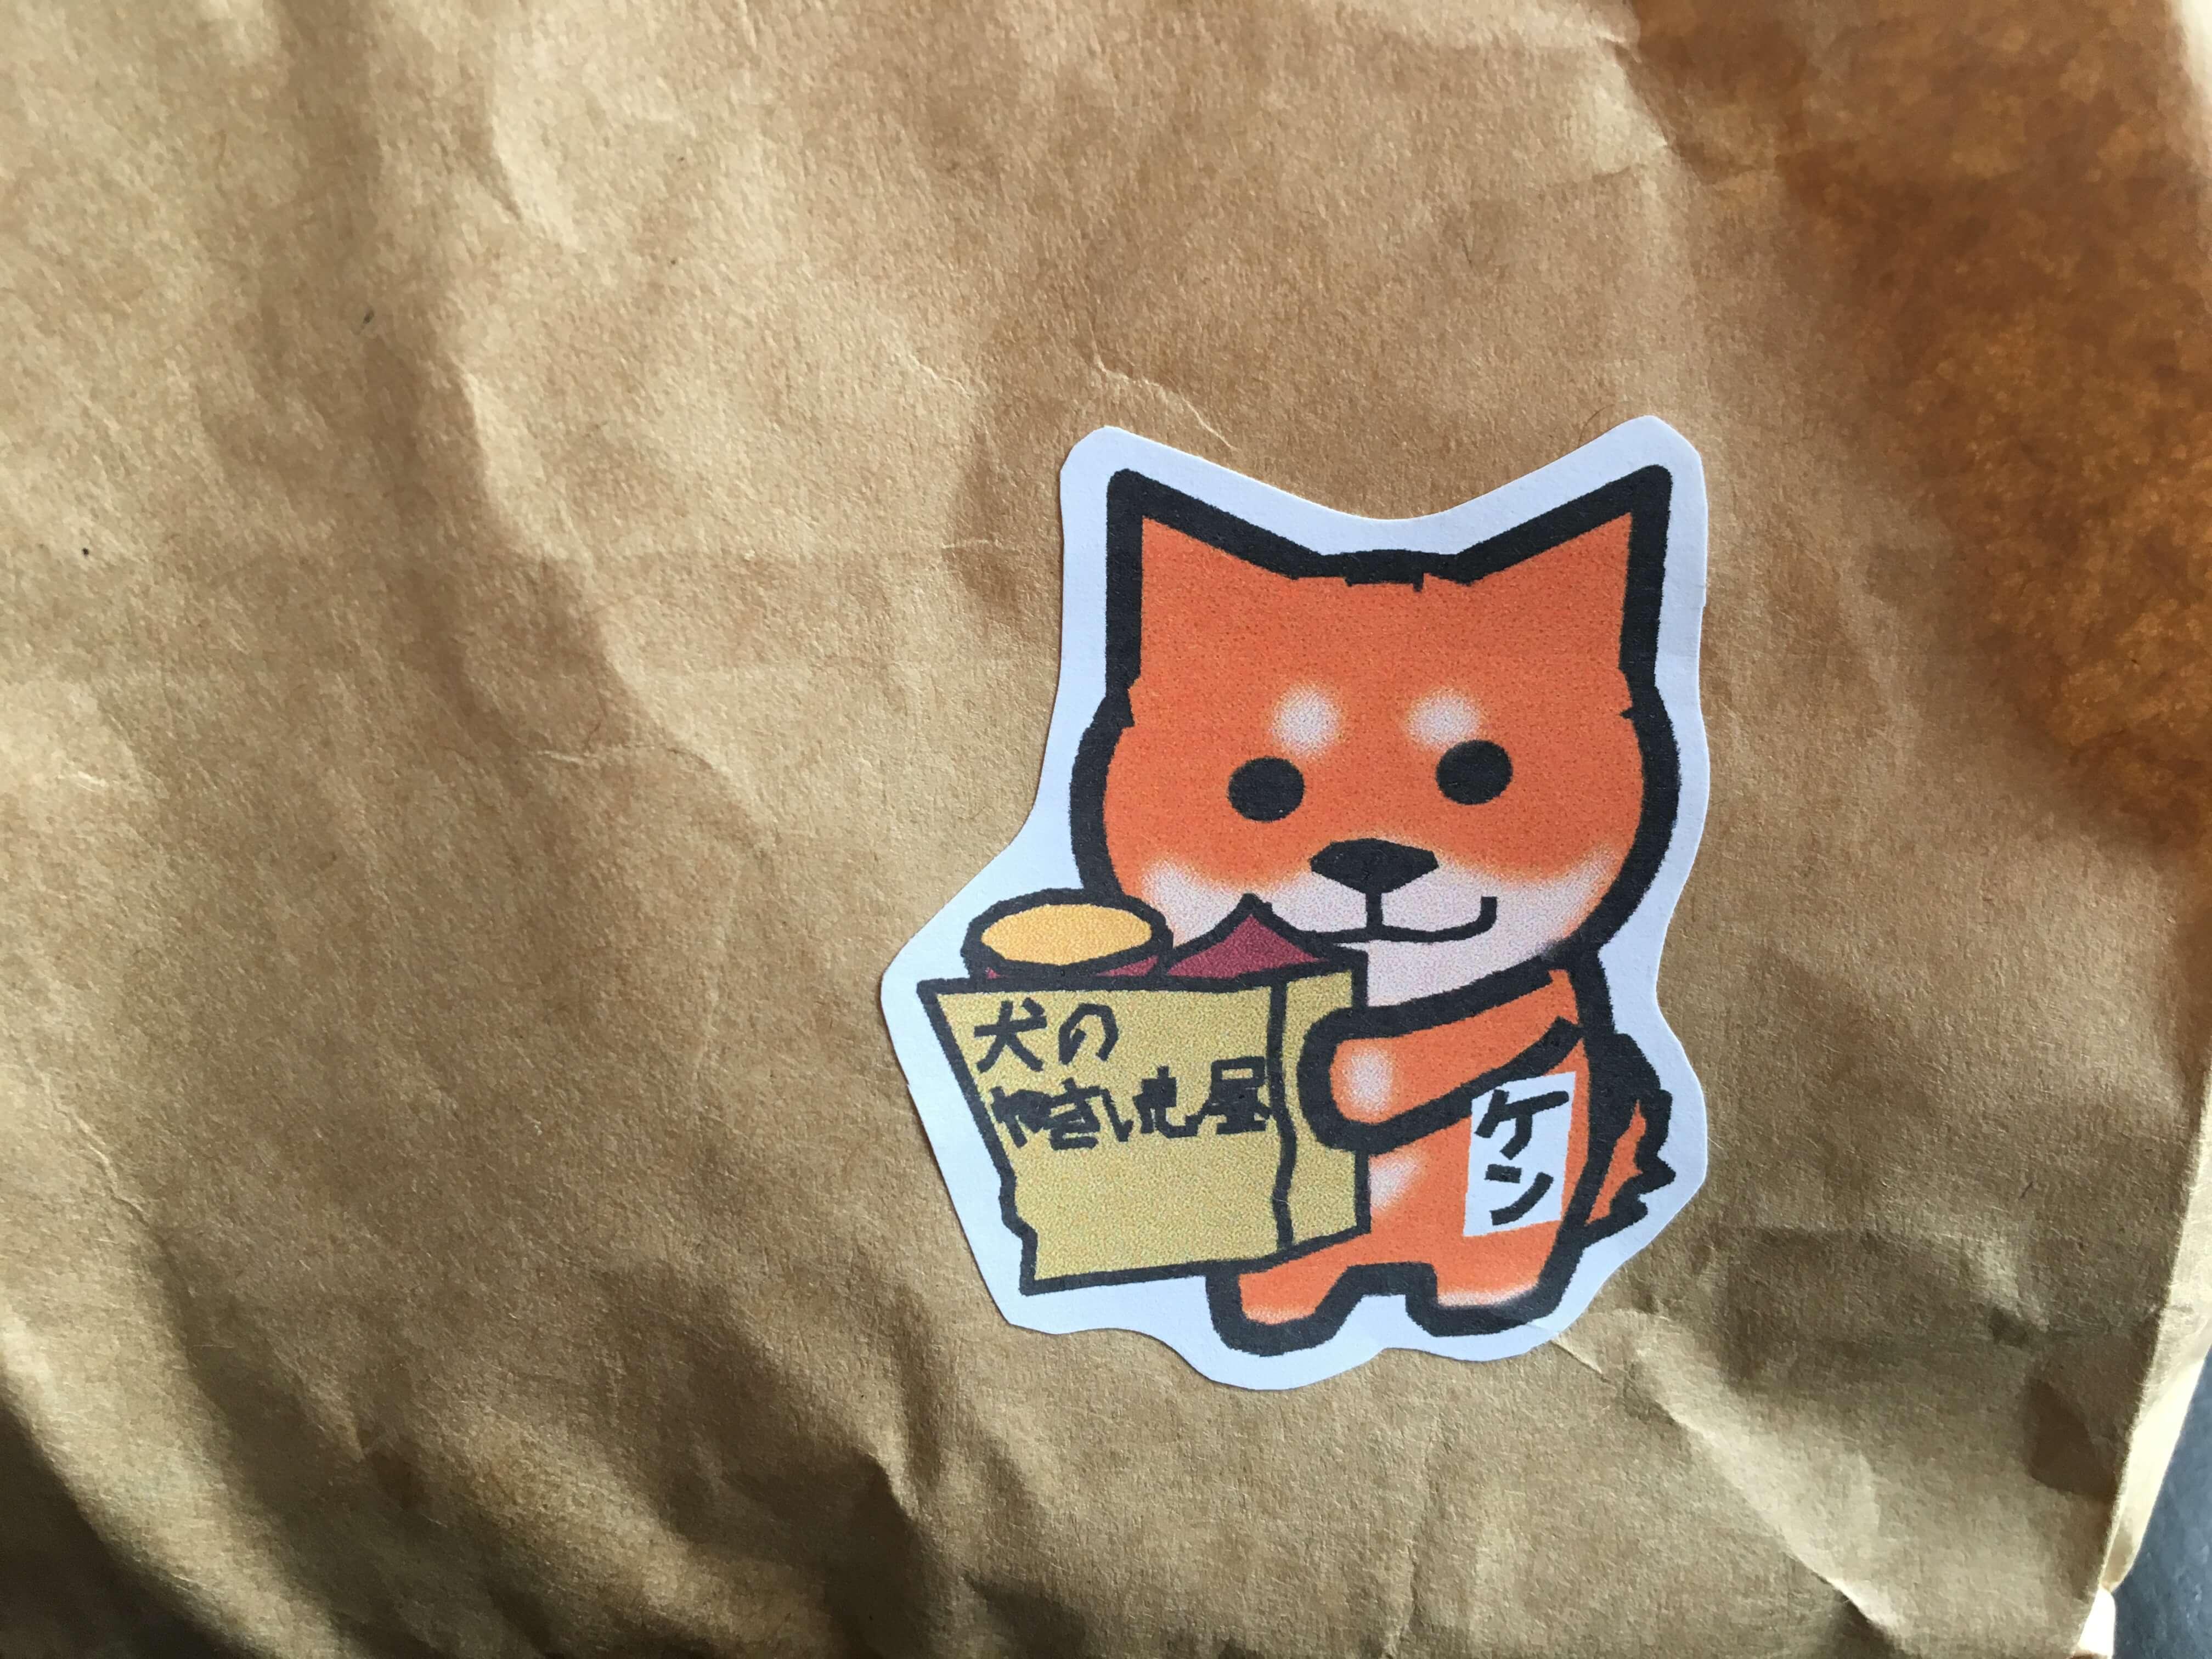 犬のやきいも屋さんで買ったやきいもの袋にはケンちゃんが描かれている